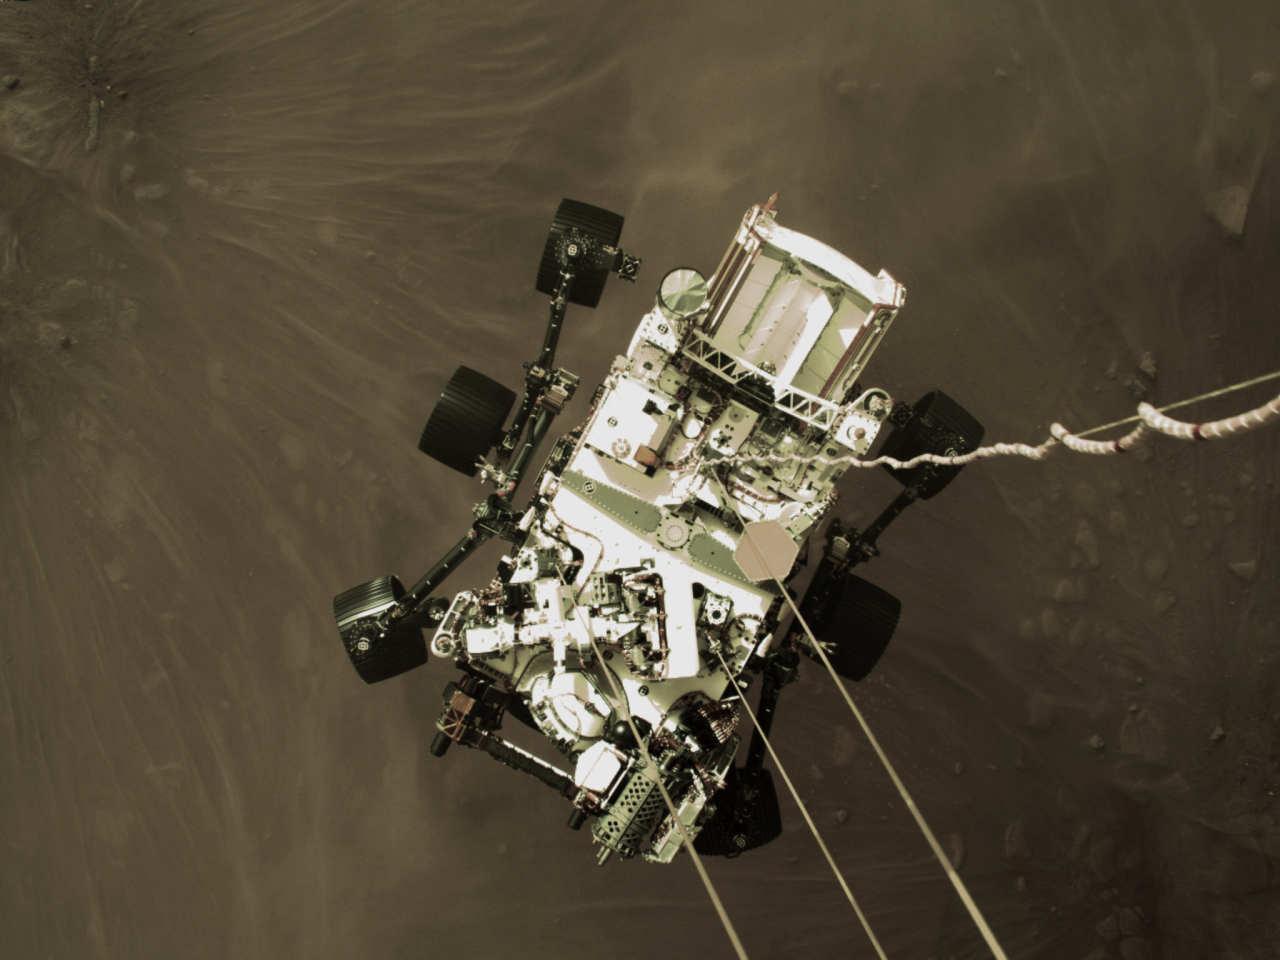 perseverance rover - Missione Marte, le prime esclusive immagini di Perseverance. Video